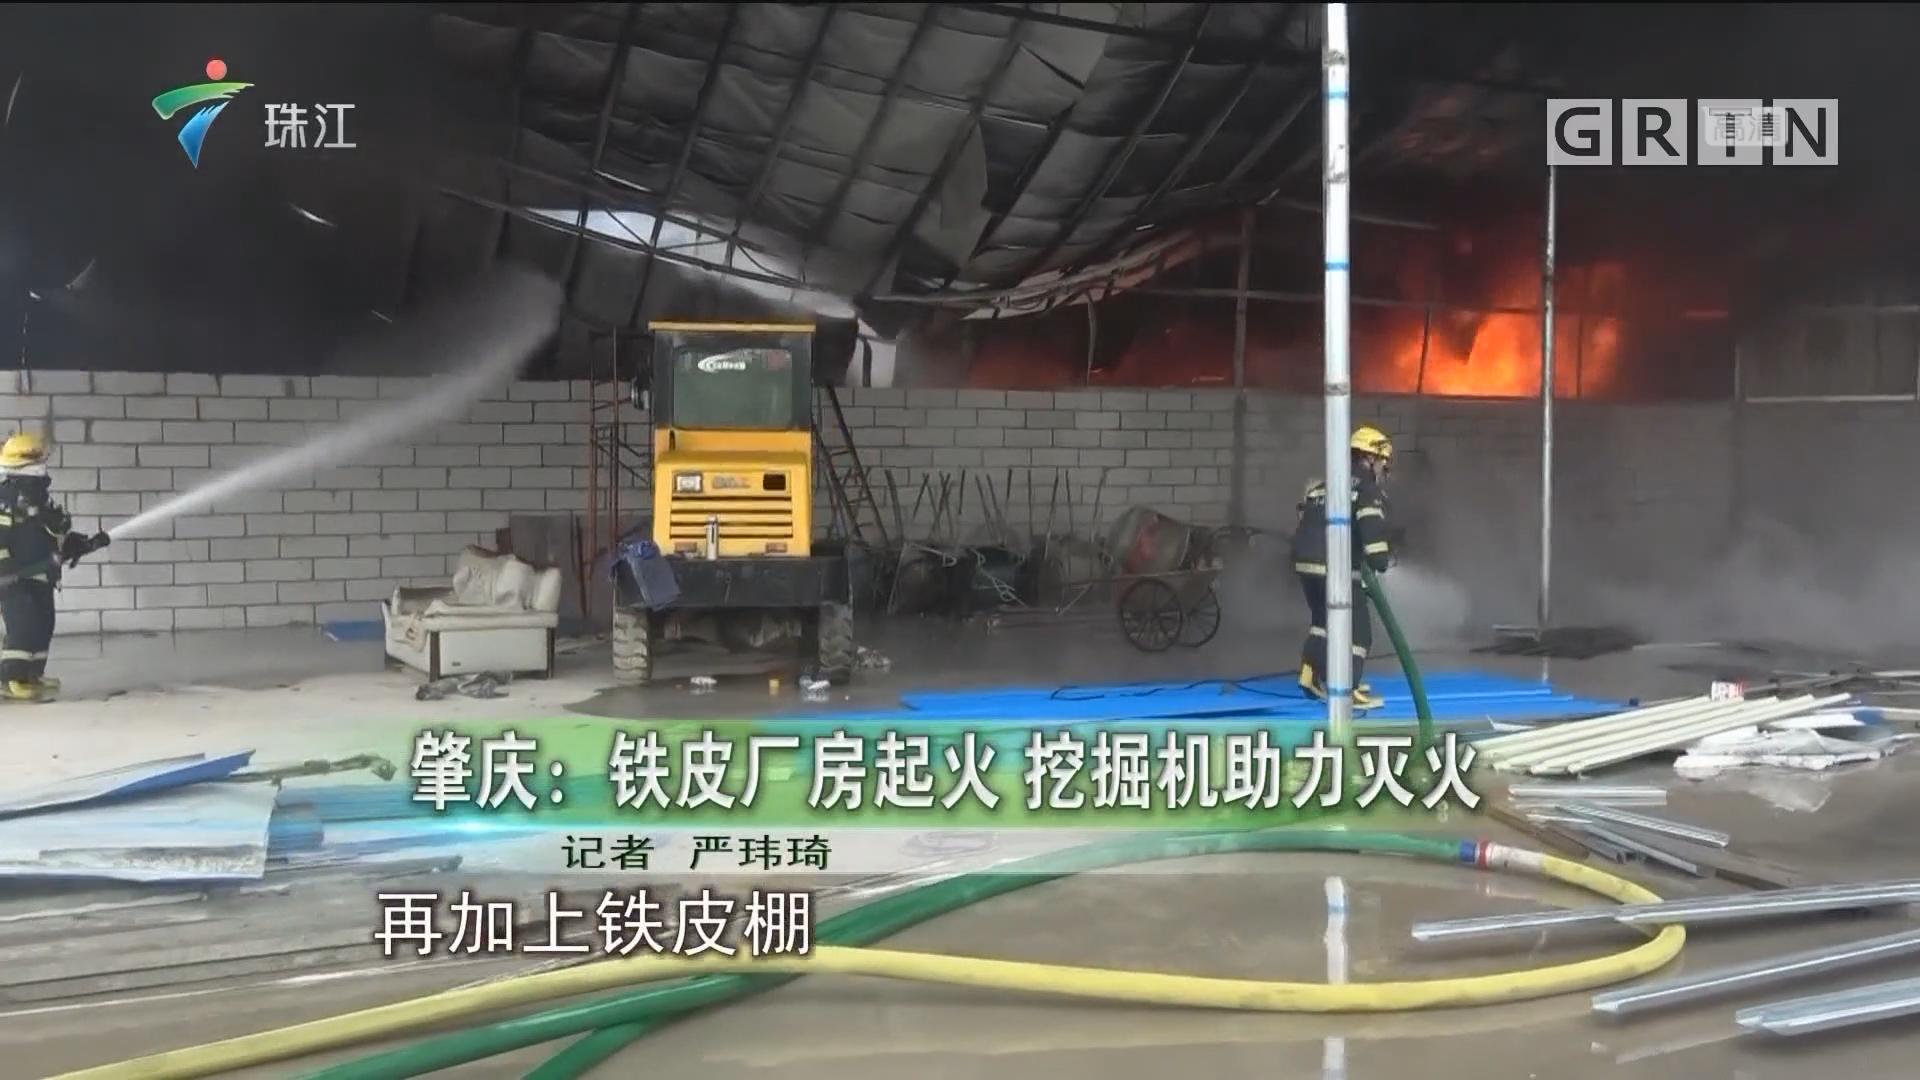 肇庆:铁皮厂房起火 挖掘机助力灭火